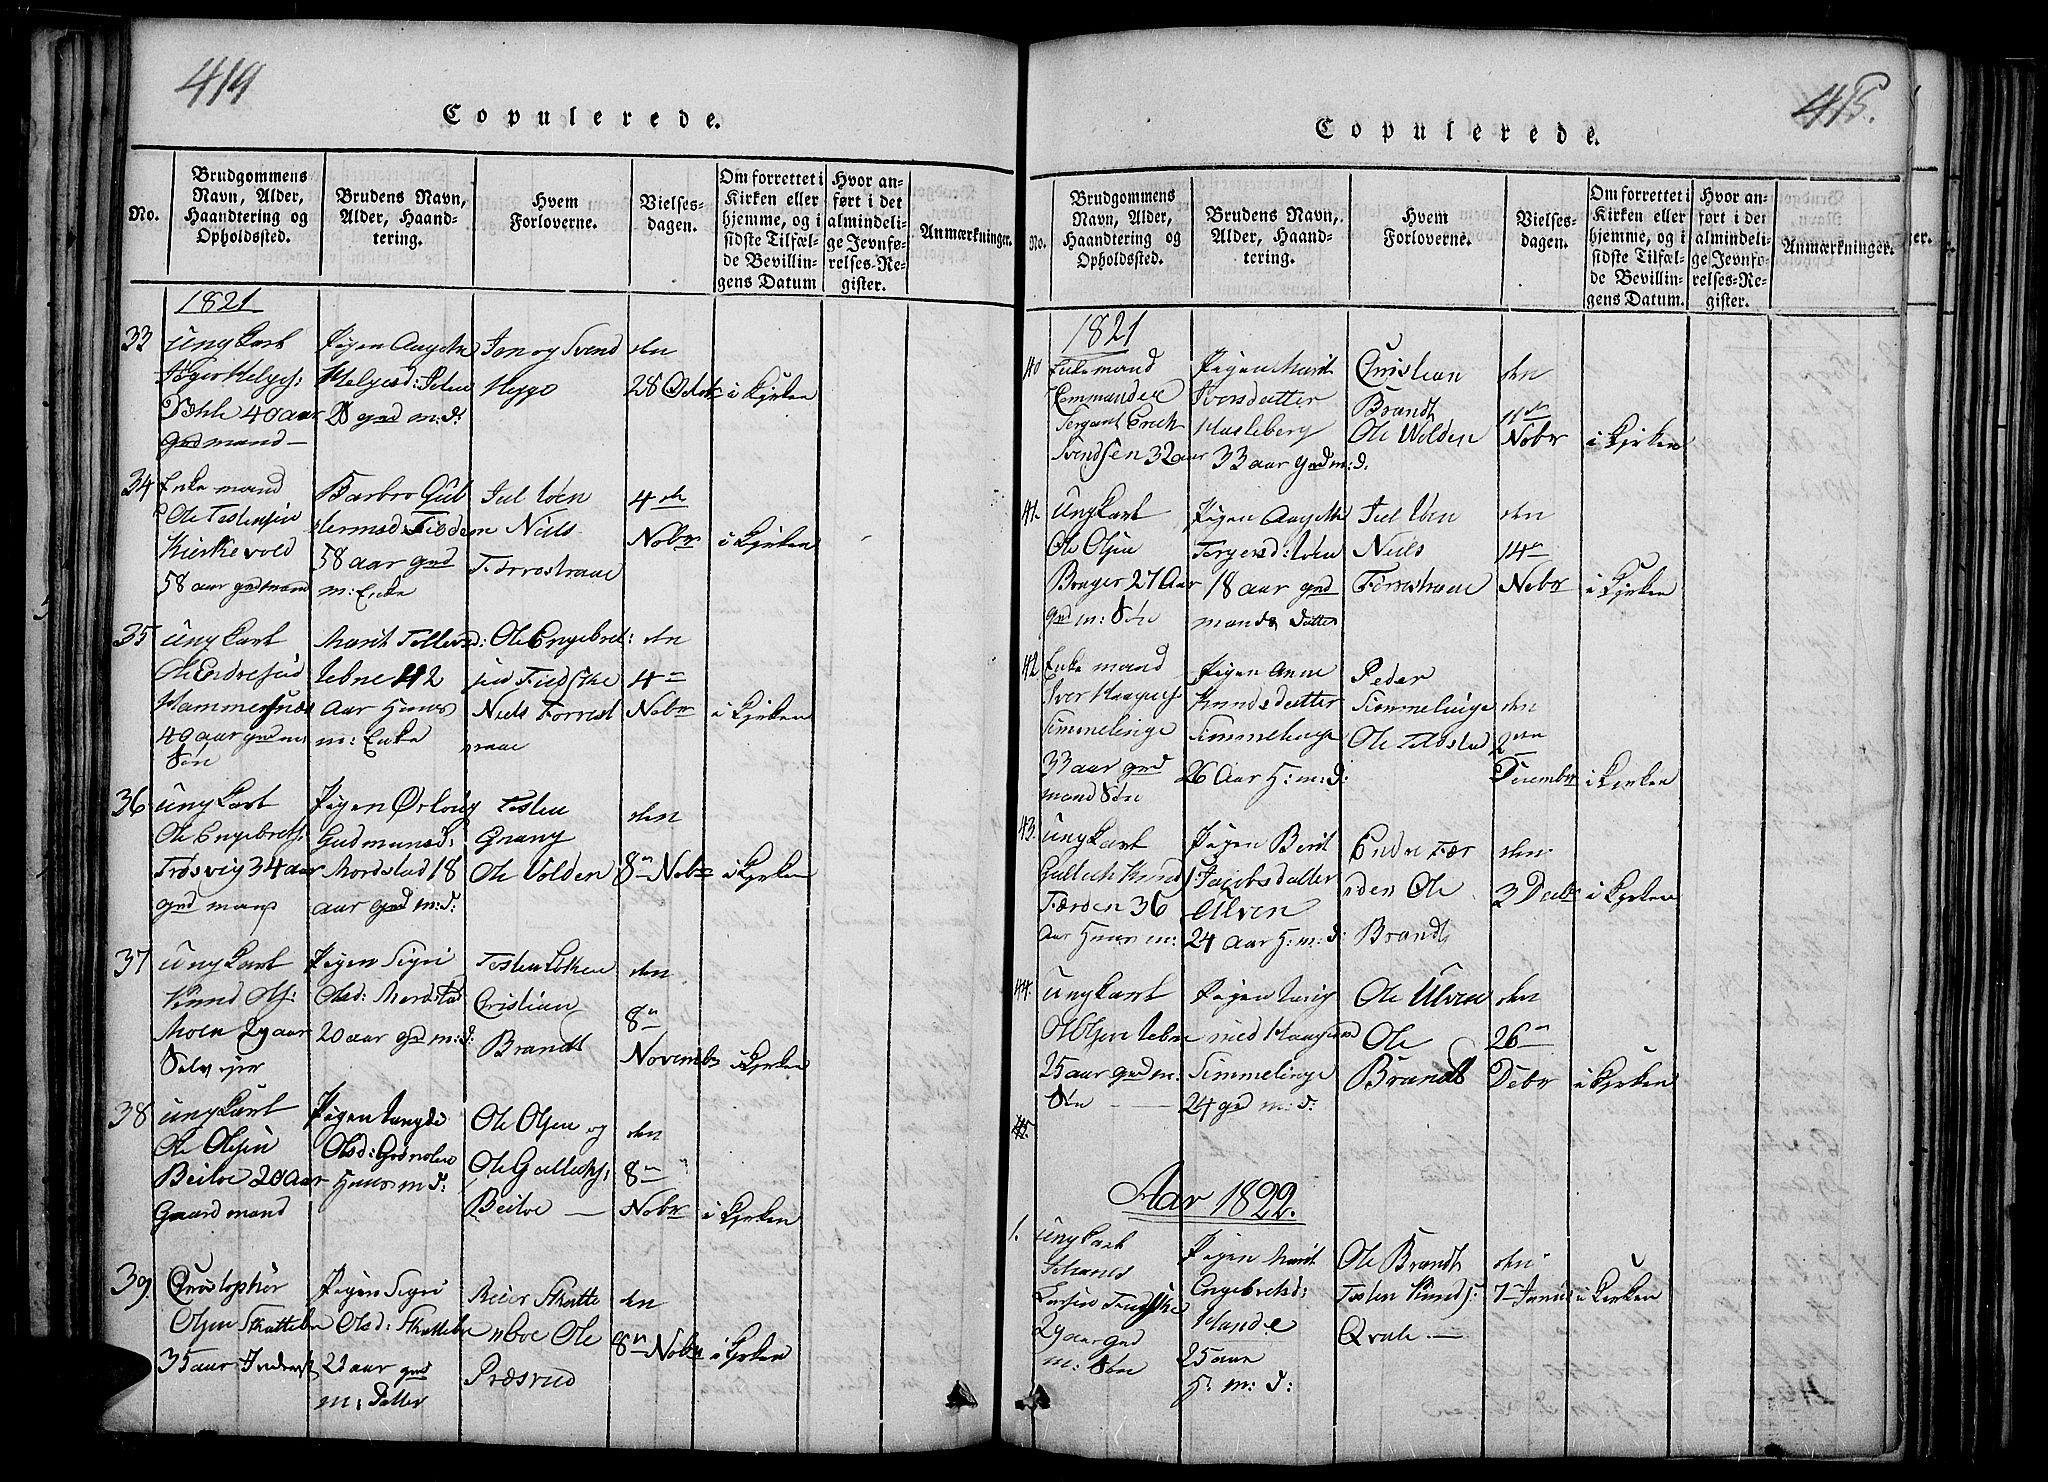 SAH, Slidre prestekontor, Ministerialbok nr. 2, 1814-1830, s. 414-415